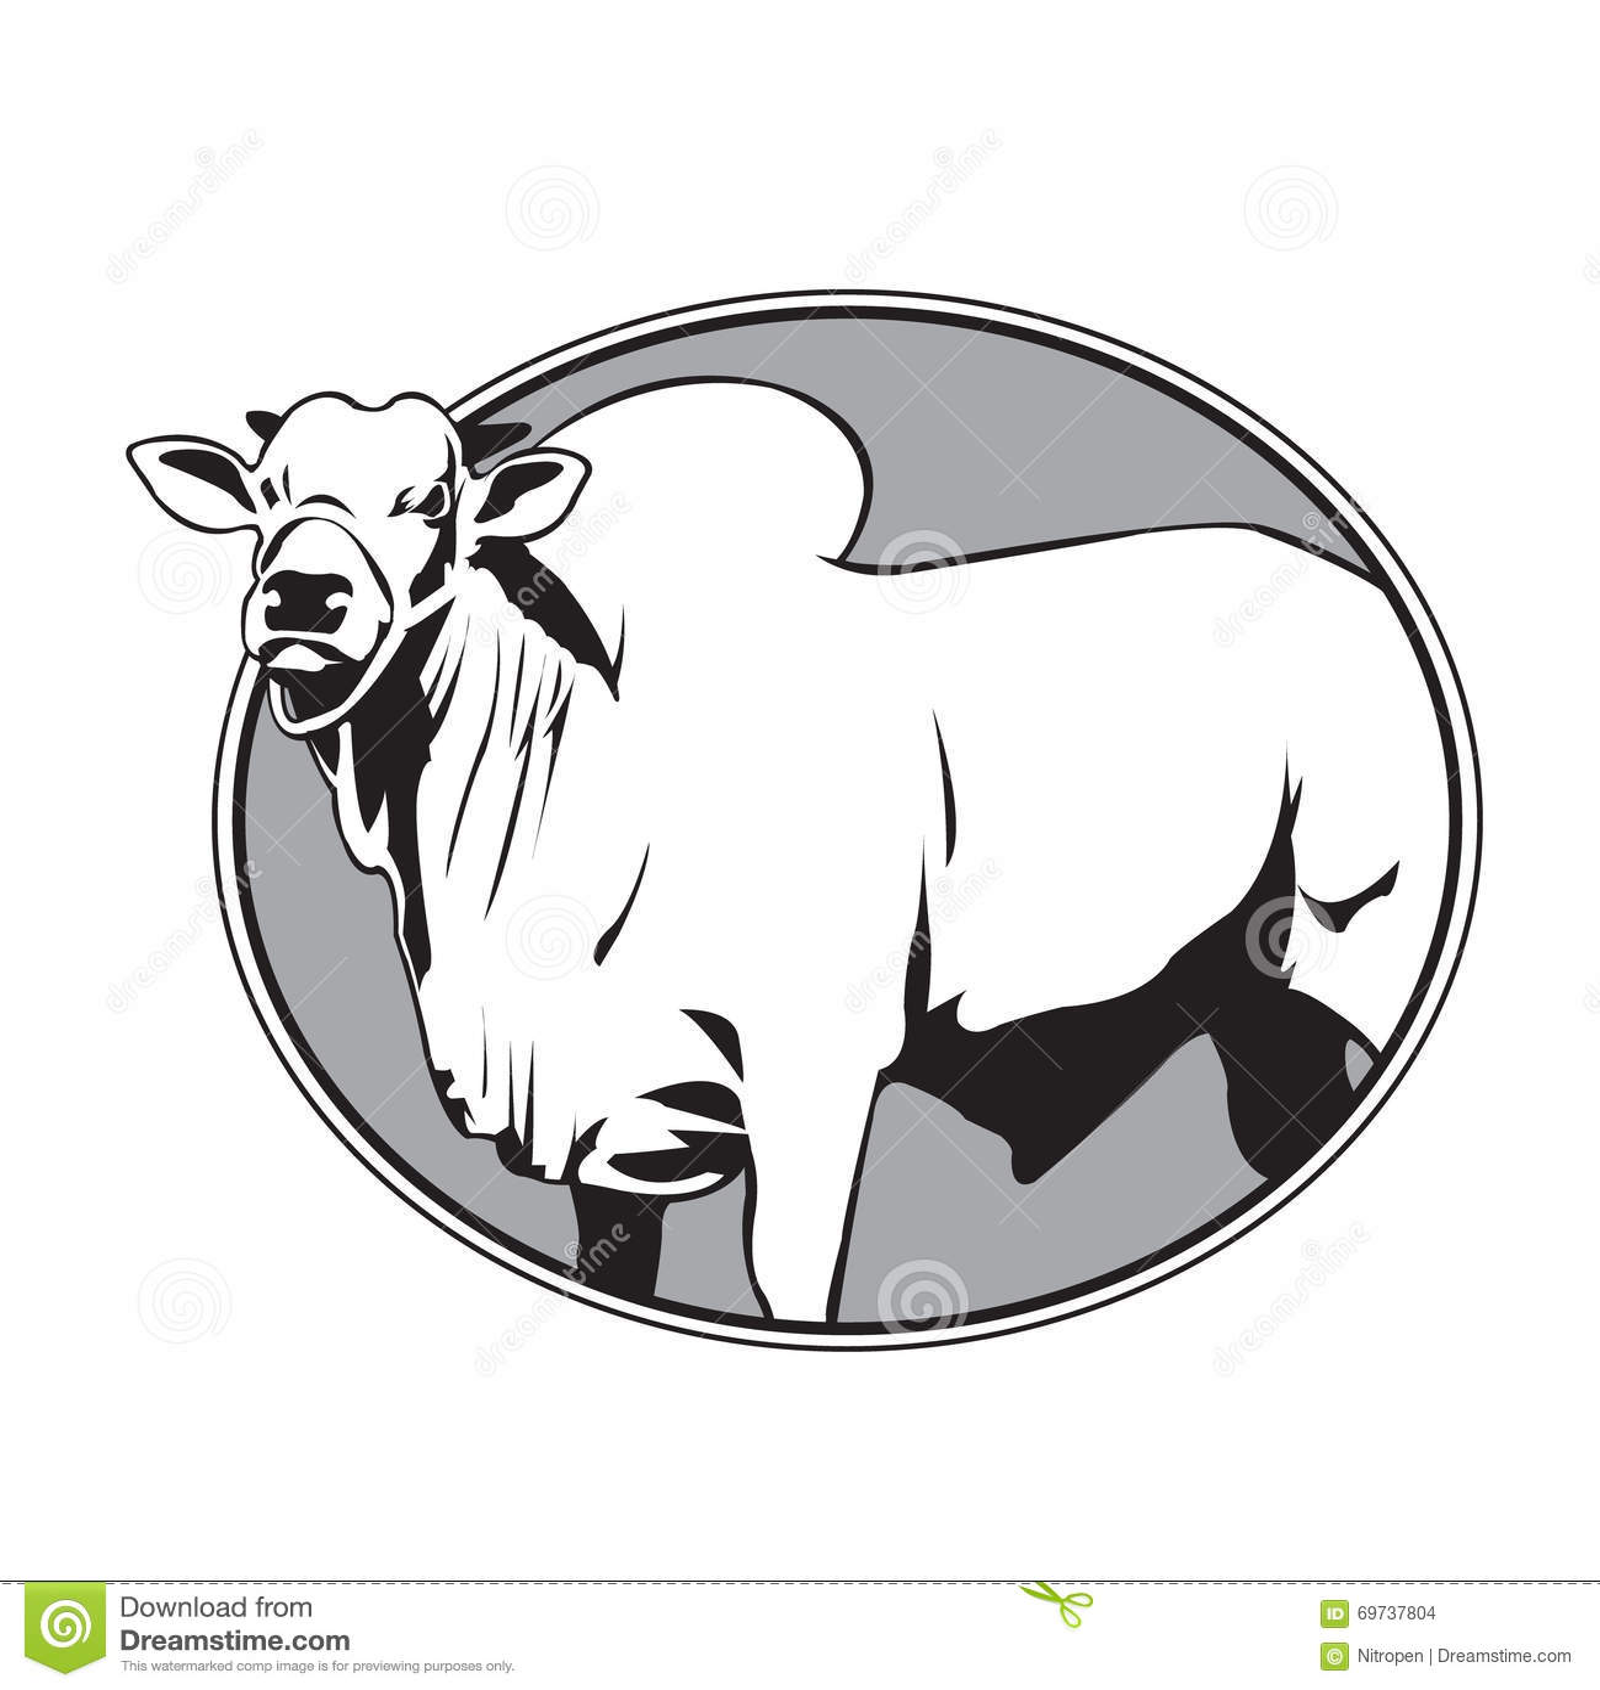 Bull Zebu Vintage Logo Stock Vector - Image: 69737804